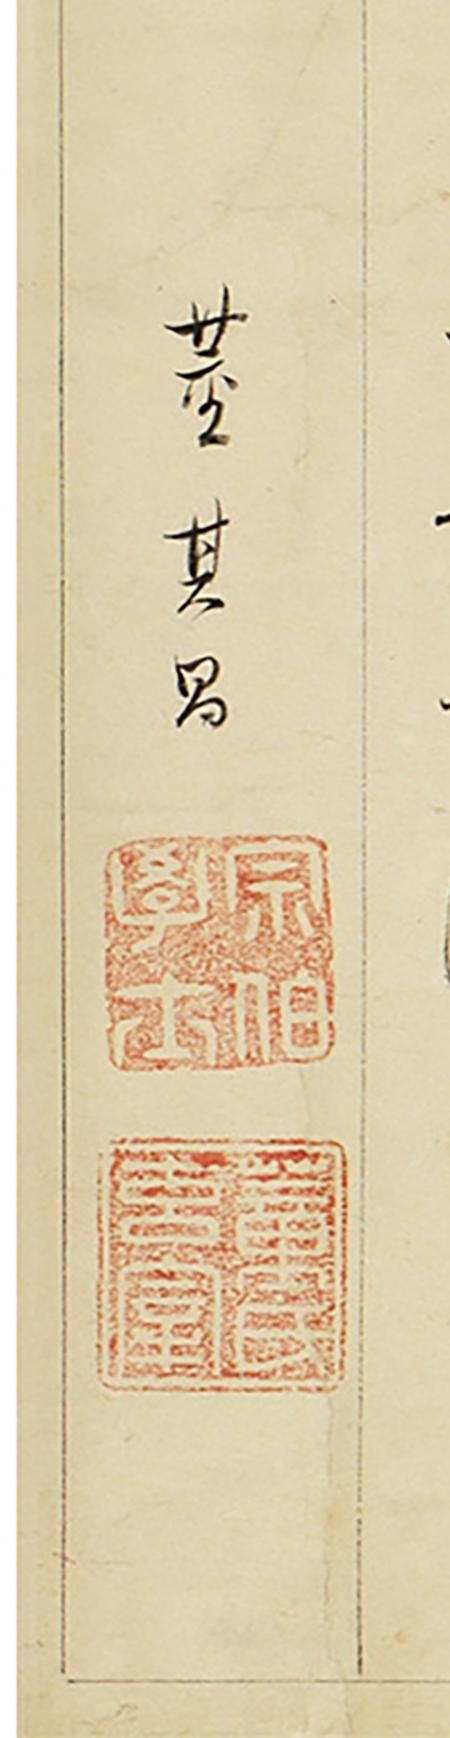 1749 董其昌款局部